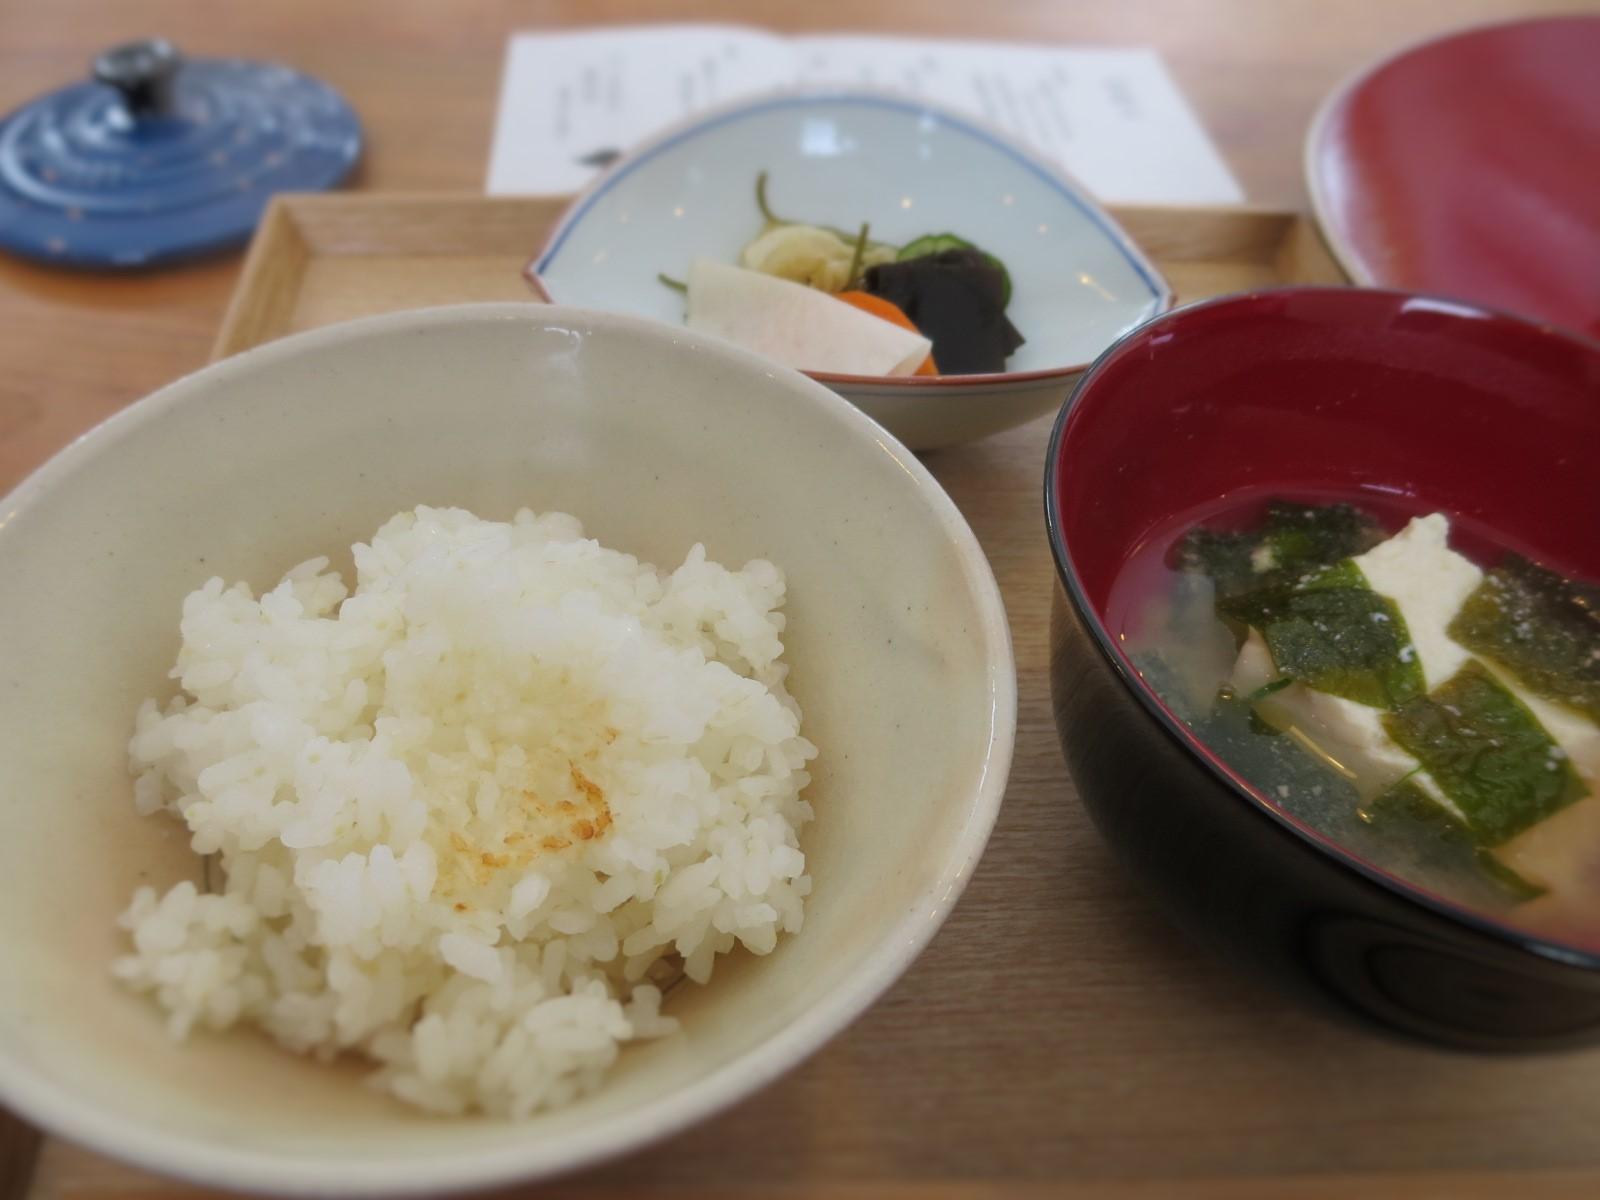 朝食&ブランチ☆食堂 takizawa NEW OPEN!@追分_f0236260_1837798.jpg